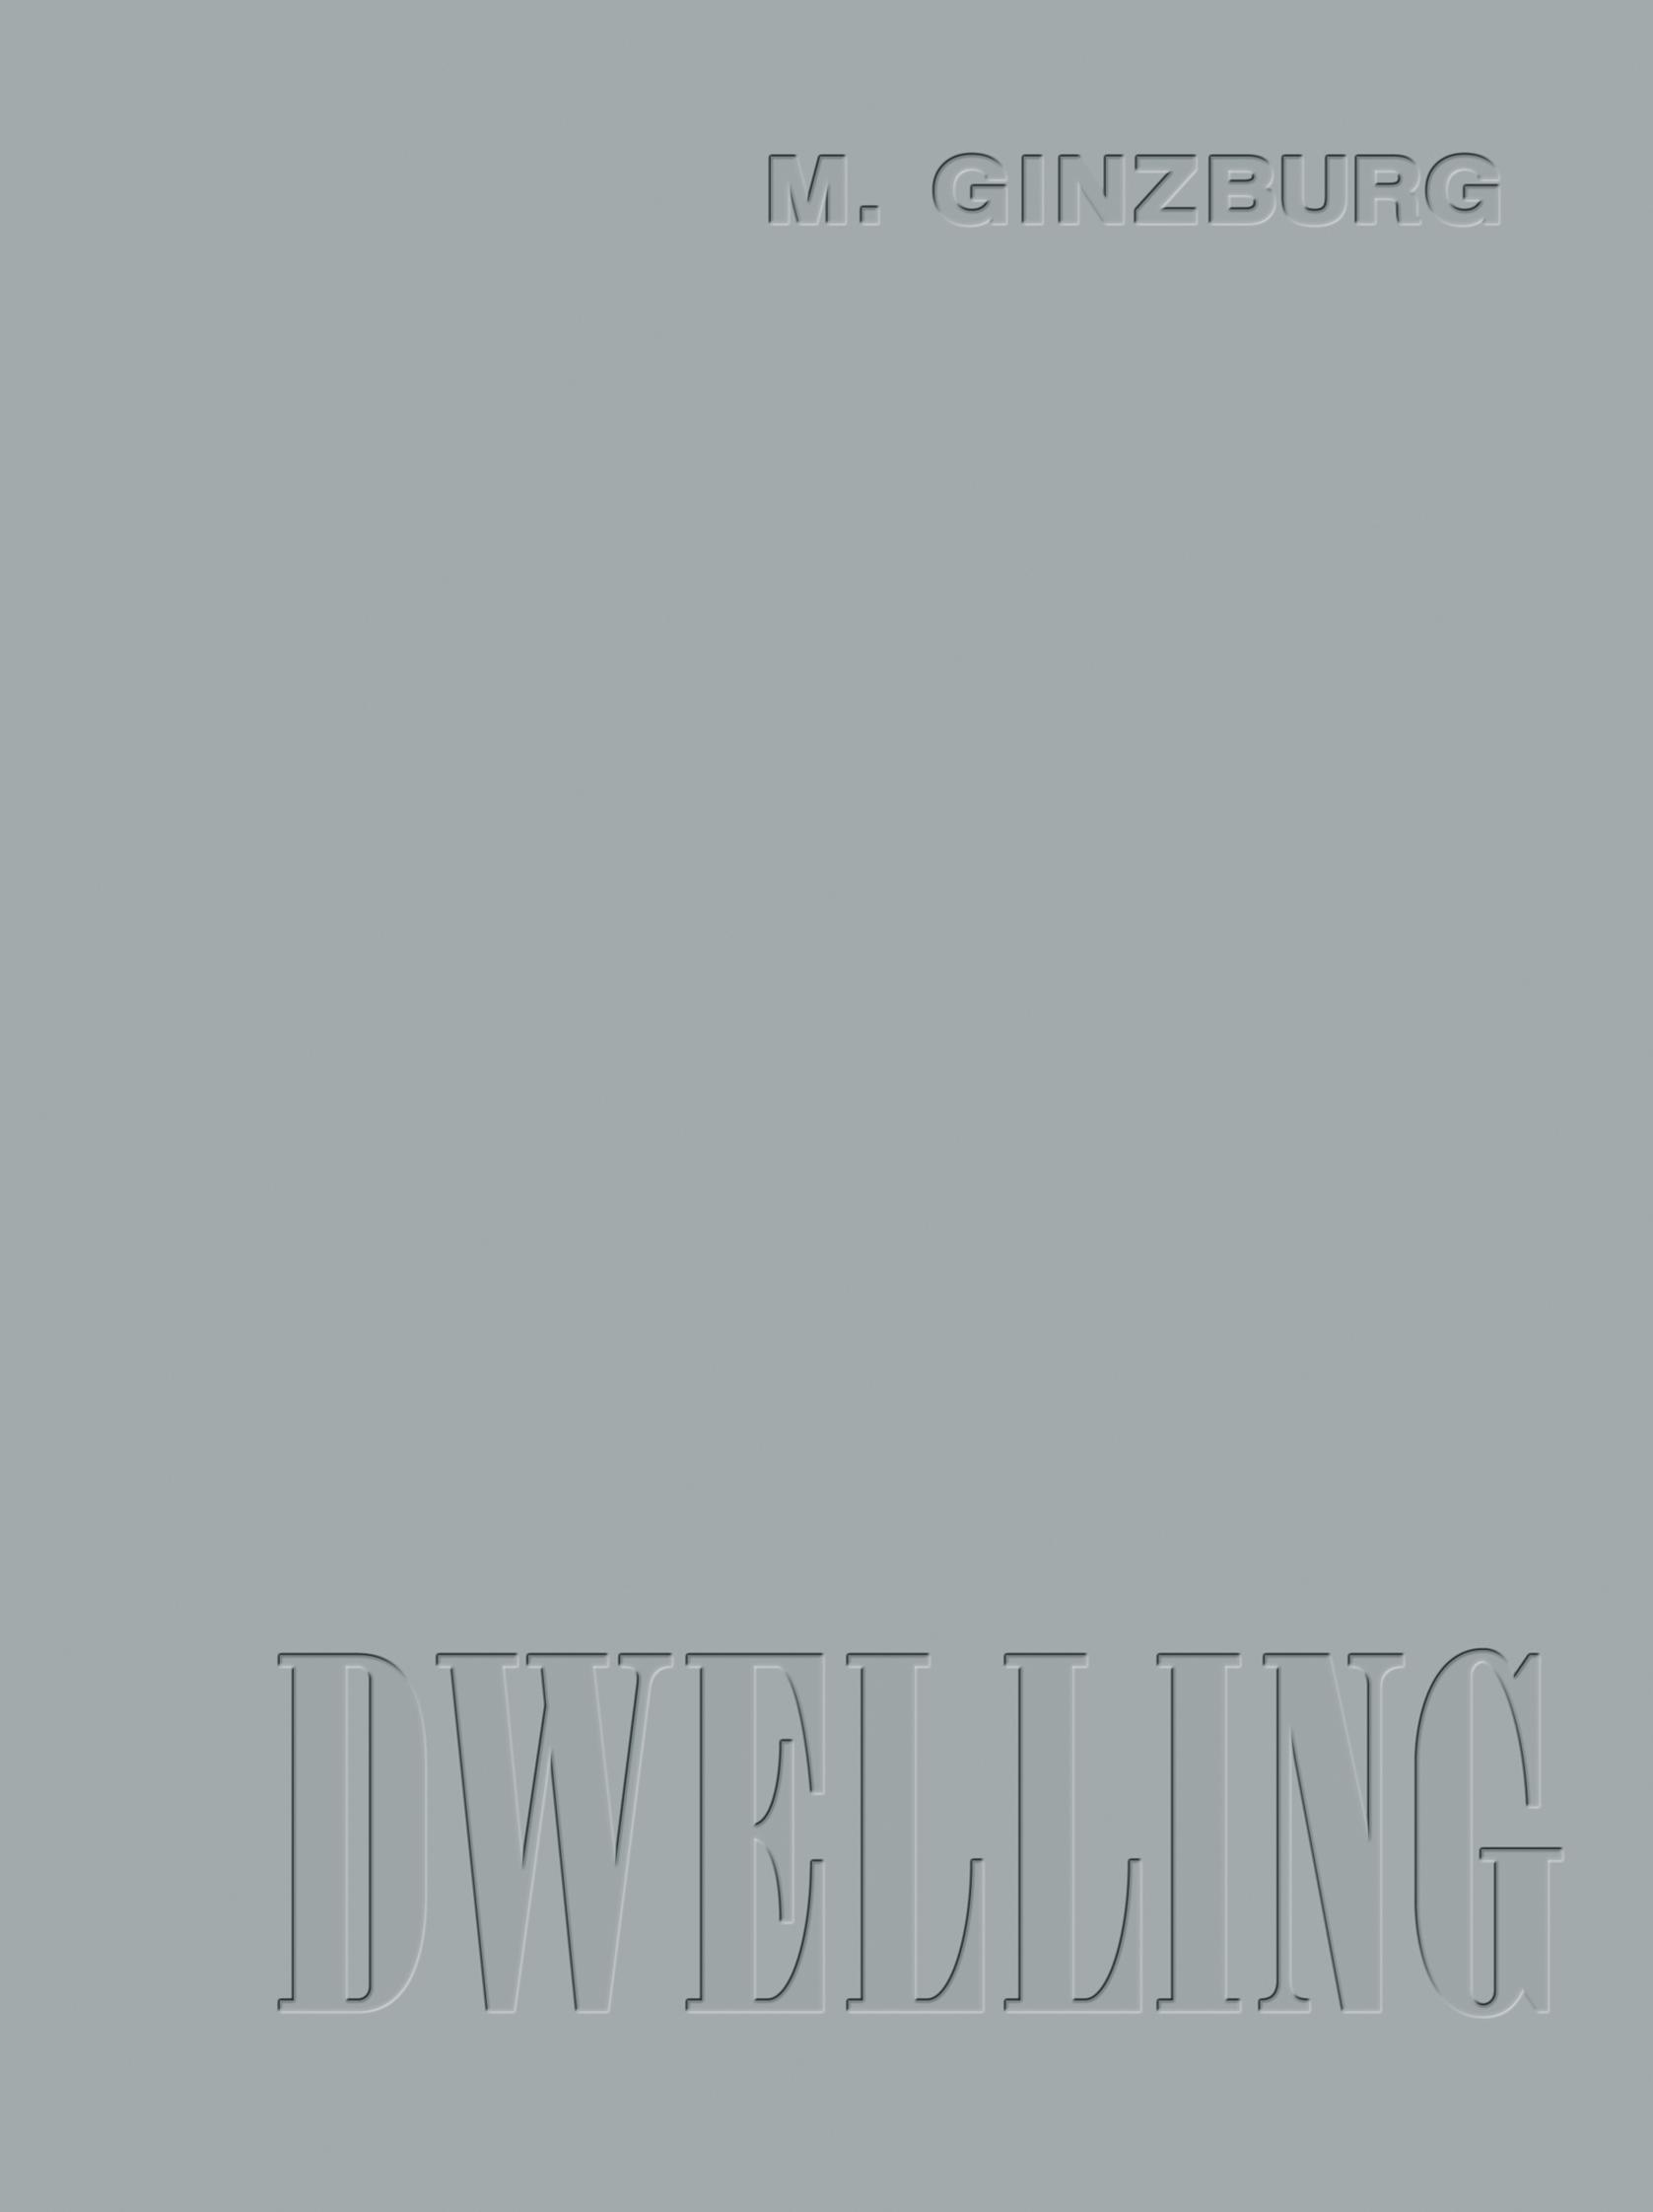 2017-08-23-Dwelling_MS_fin1-jacket.jpg